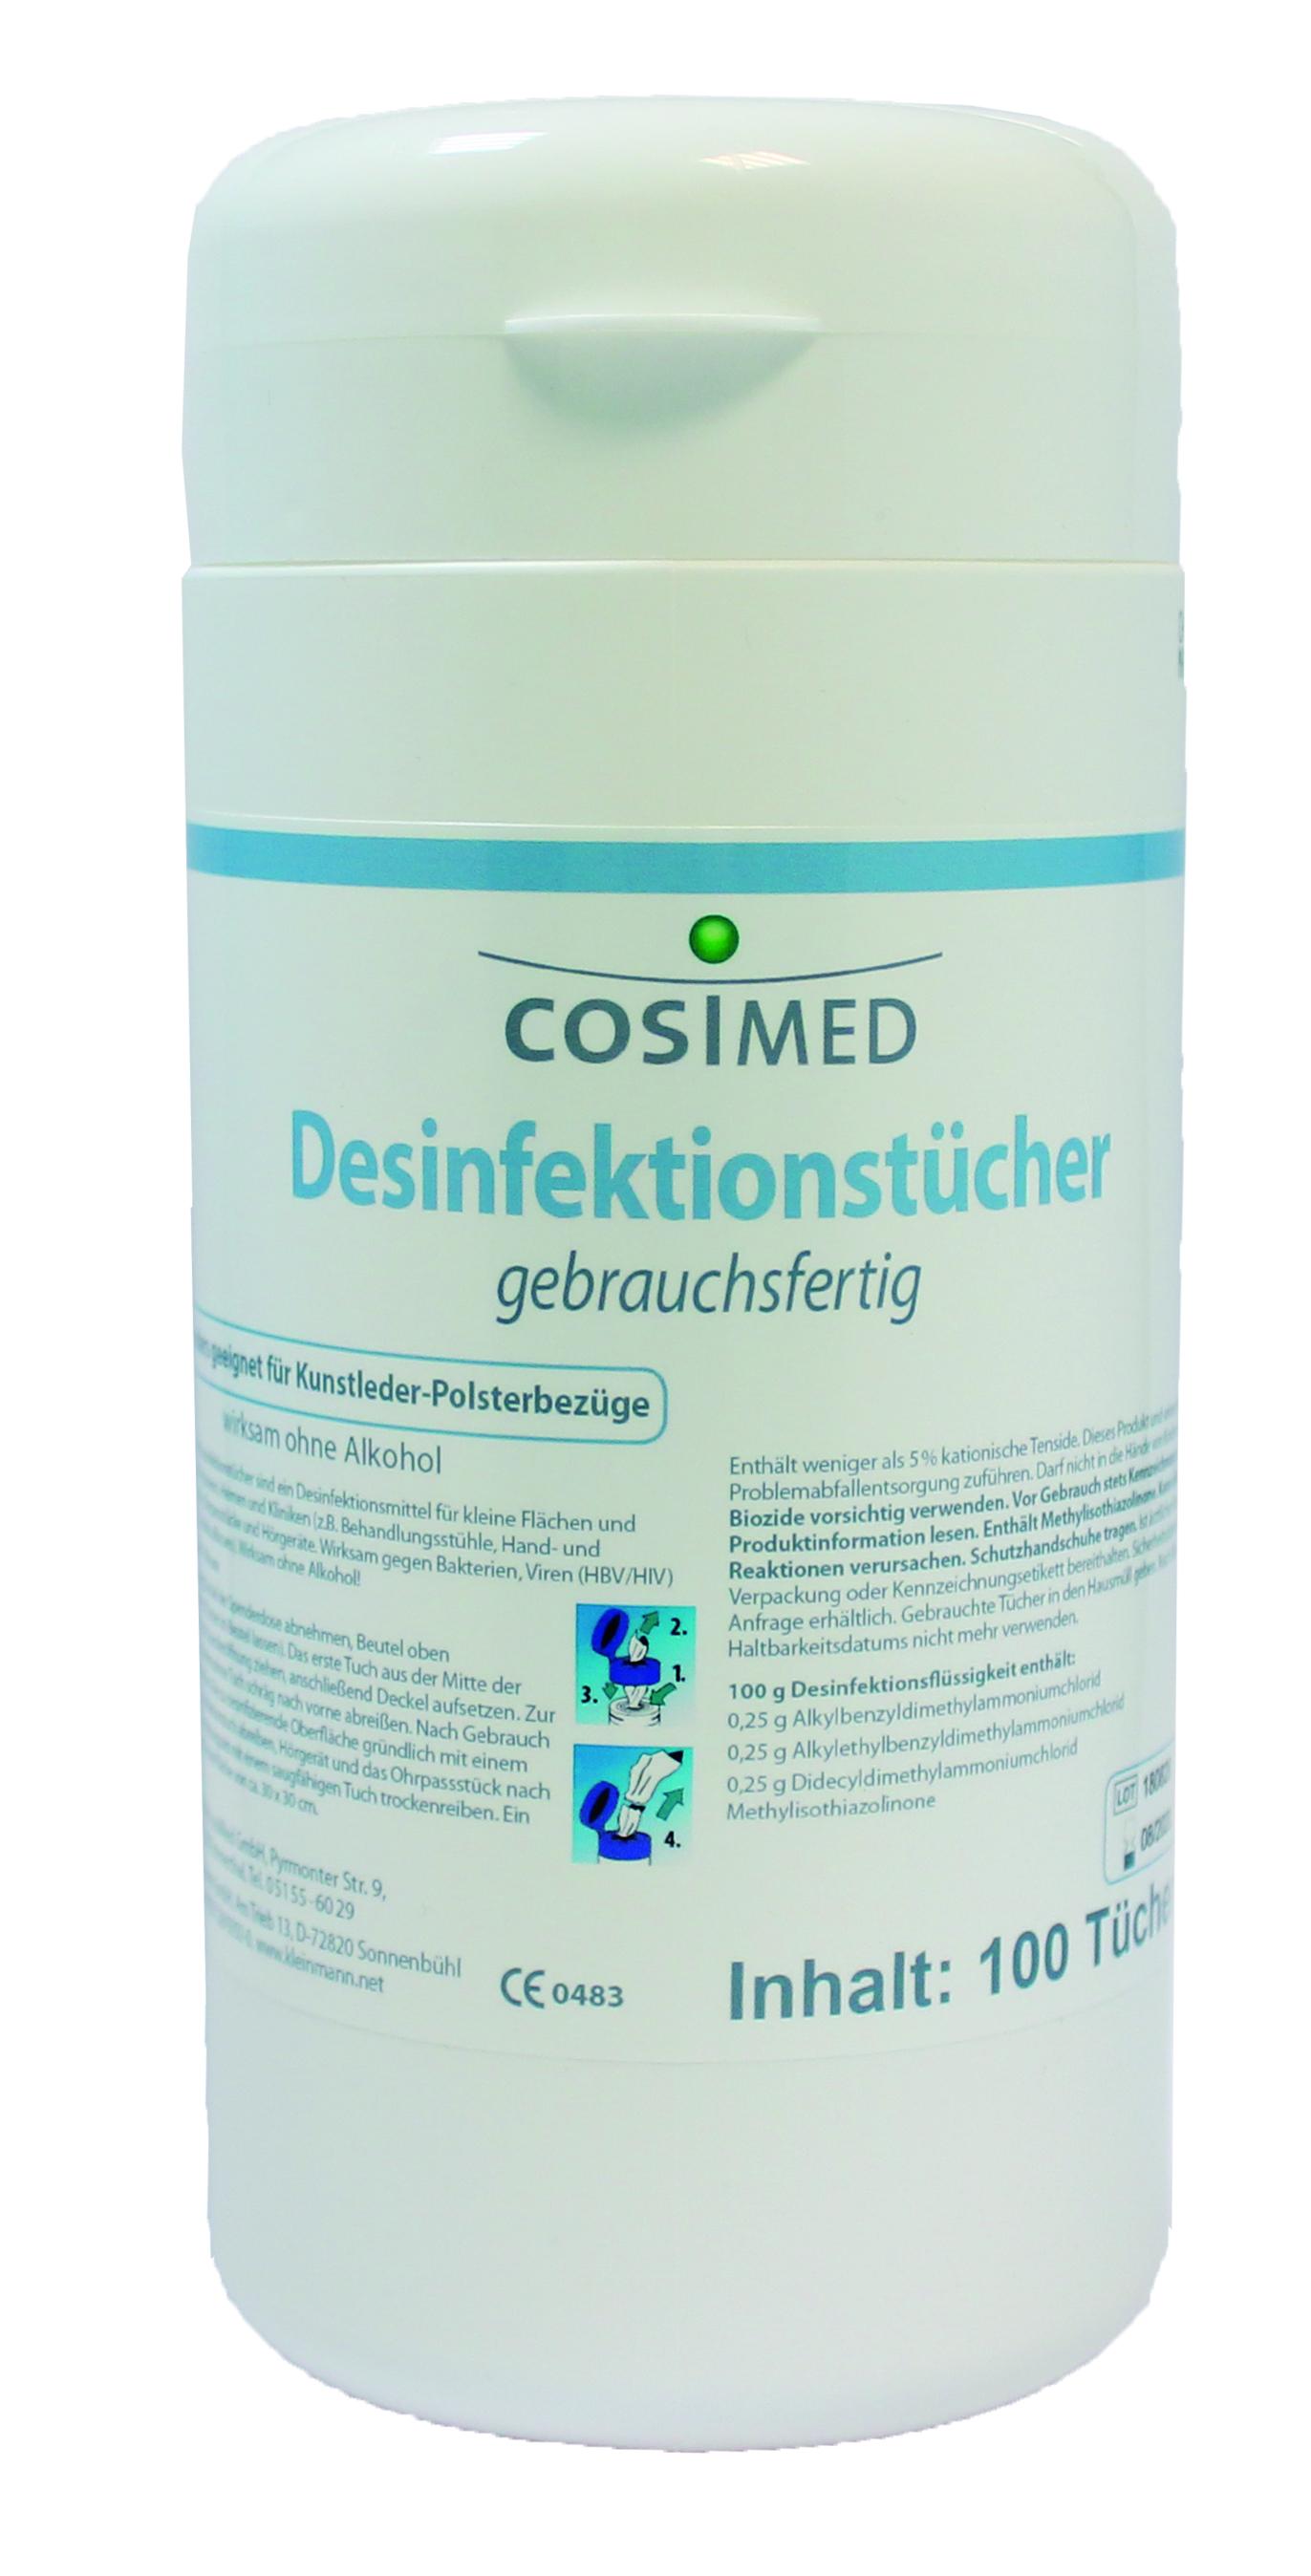 cosiMed Desinfektionstücher gebrauchsfertig 100 Tücher